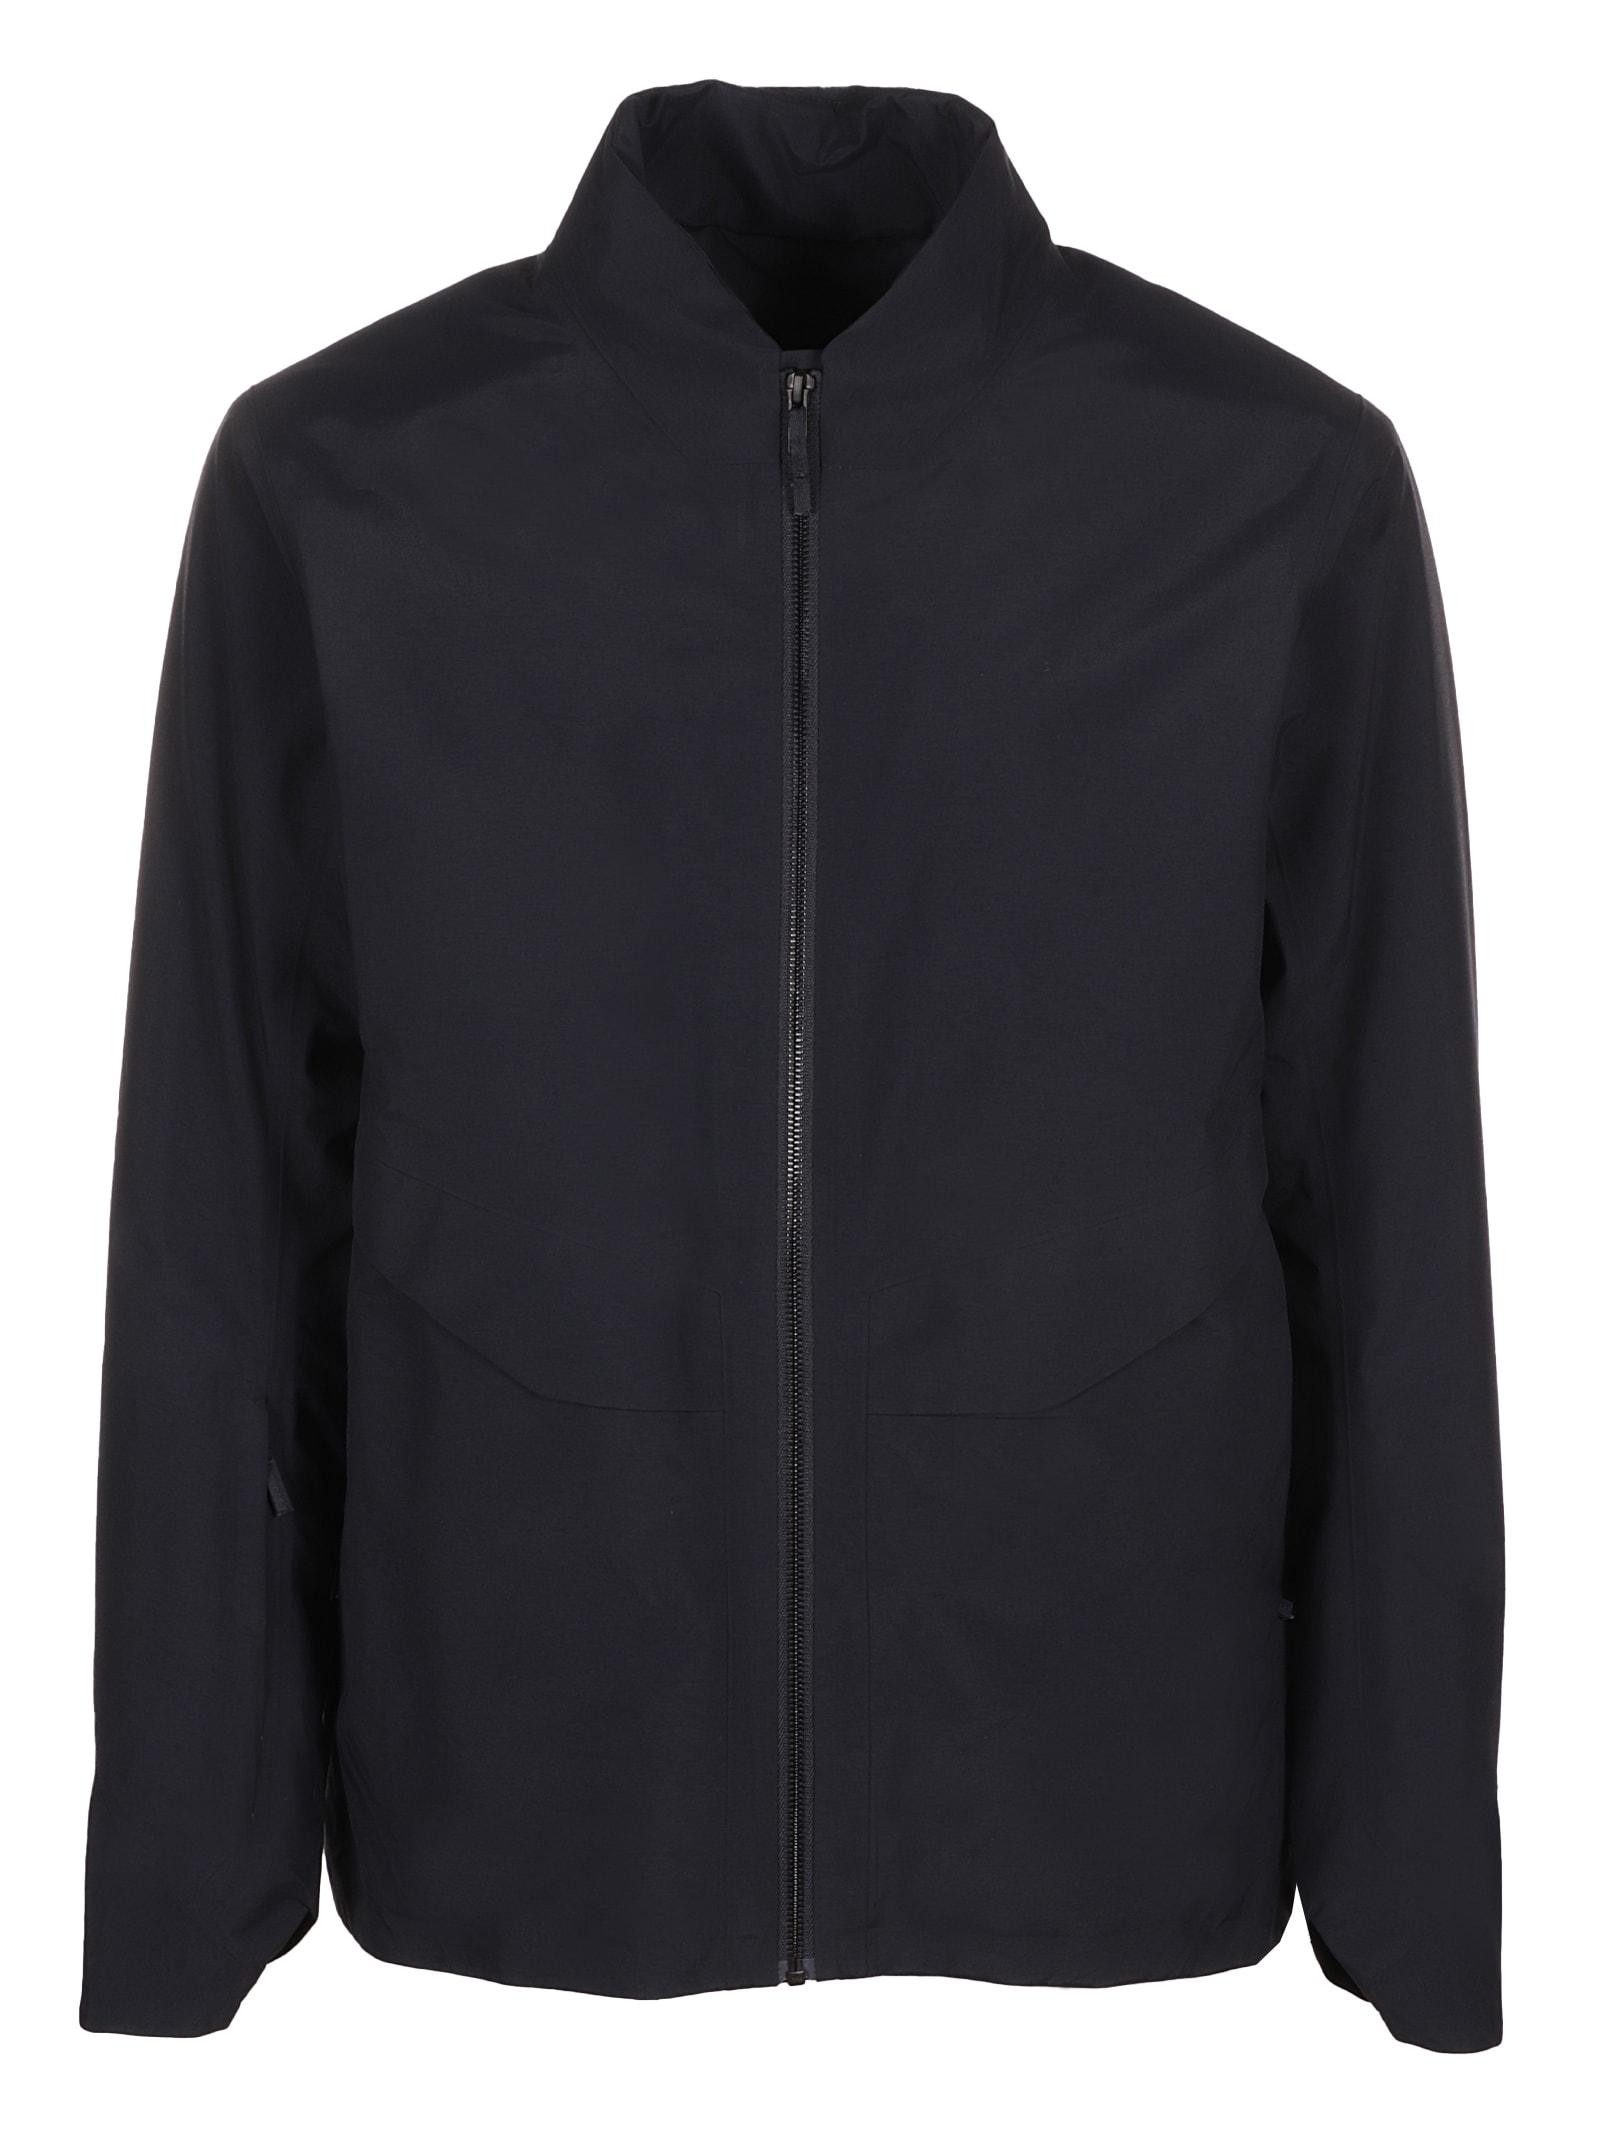 Arcteryx Veilance Range Is Jacket Men